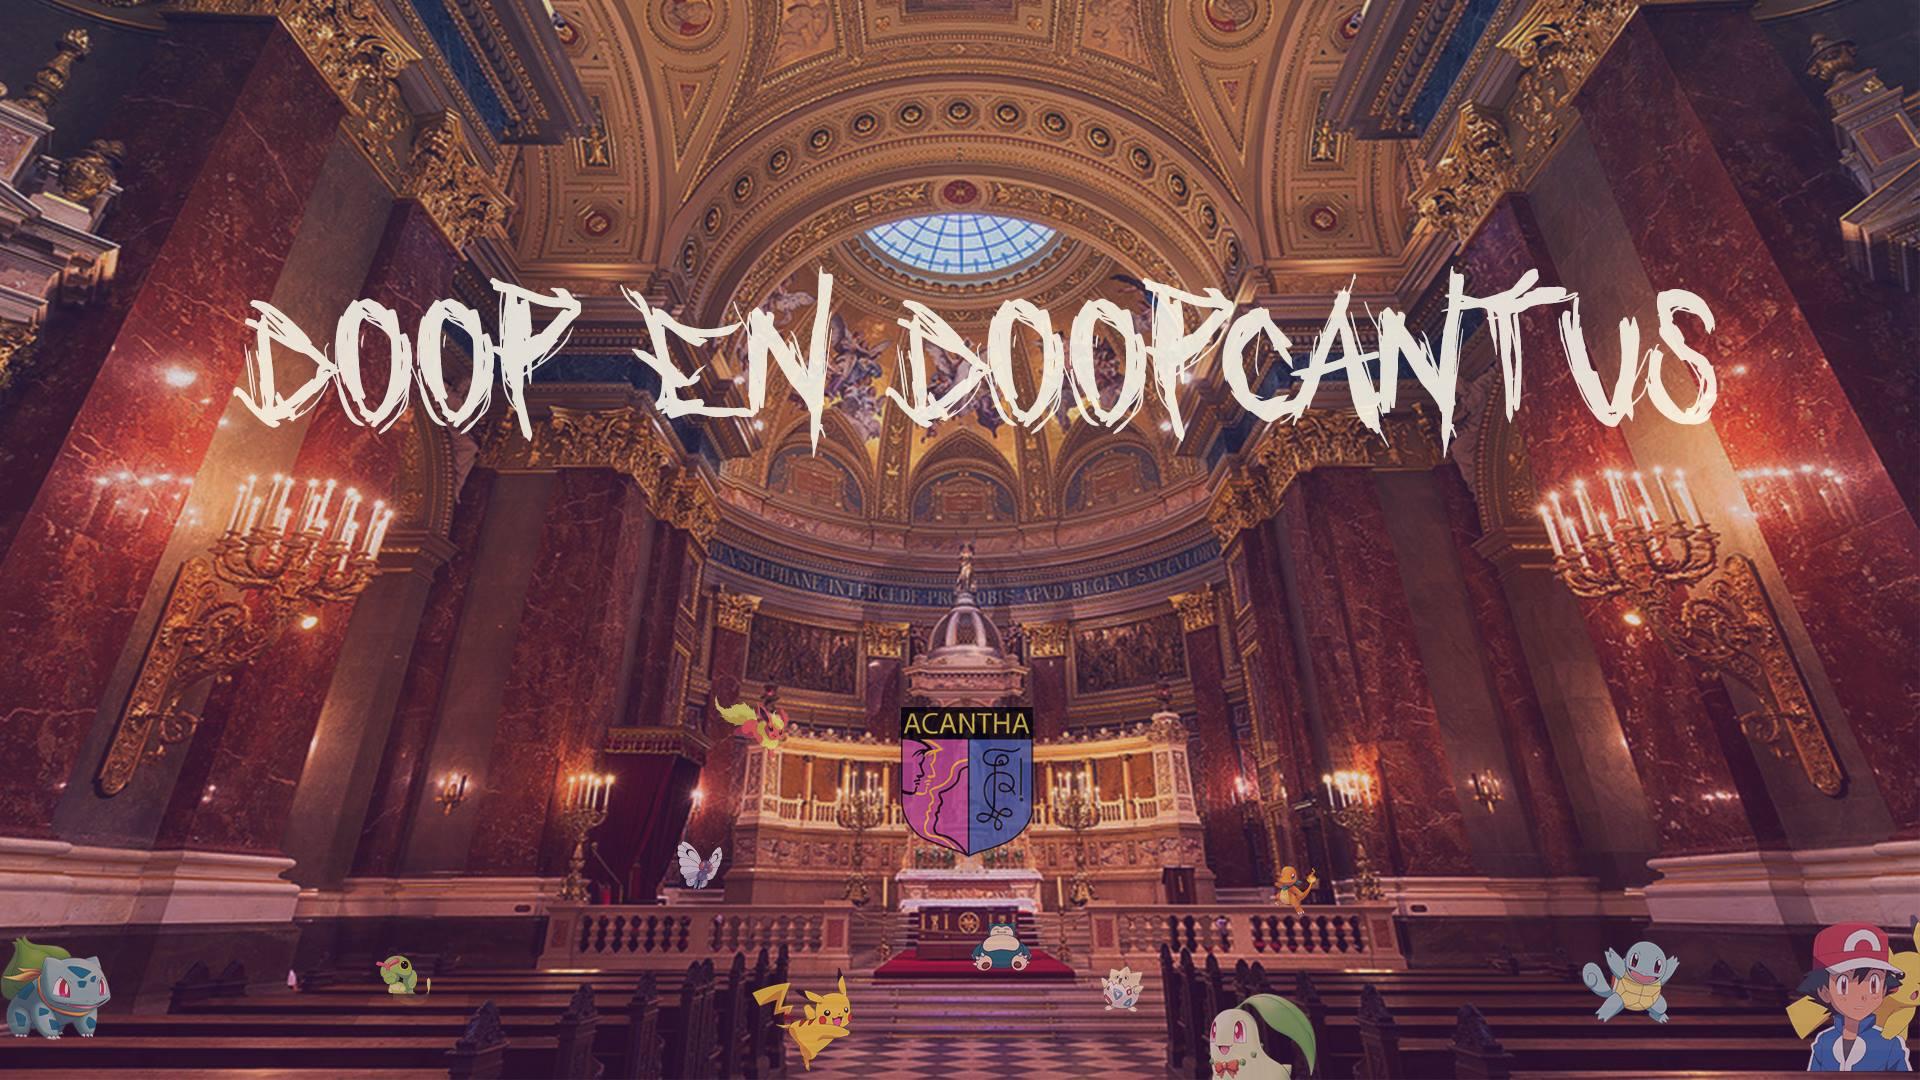 Doop en doopcantus Acantha